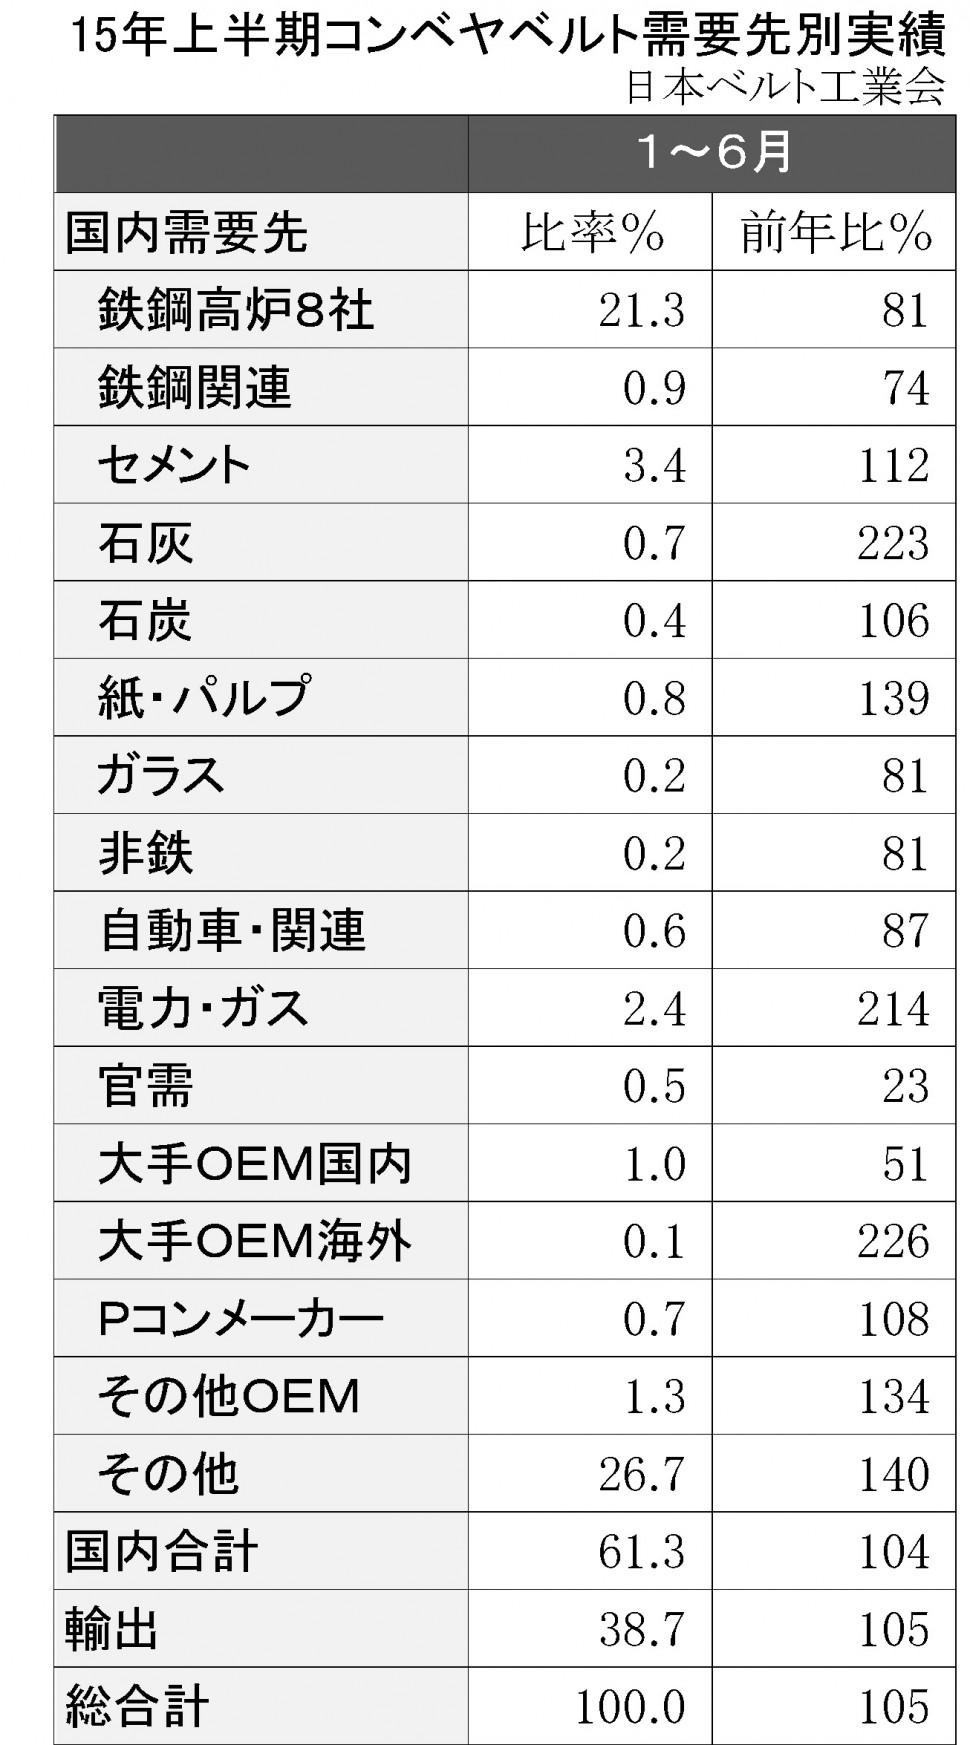 2015年上半期ゴムコンベヤ需要先別販売実績比率